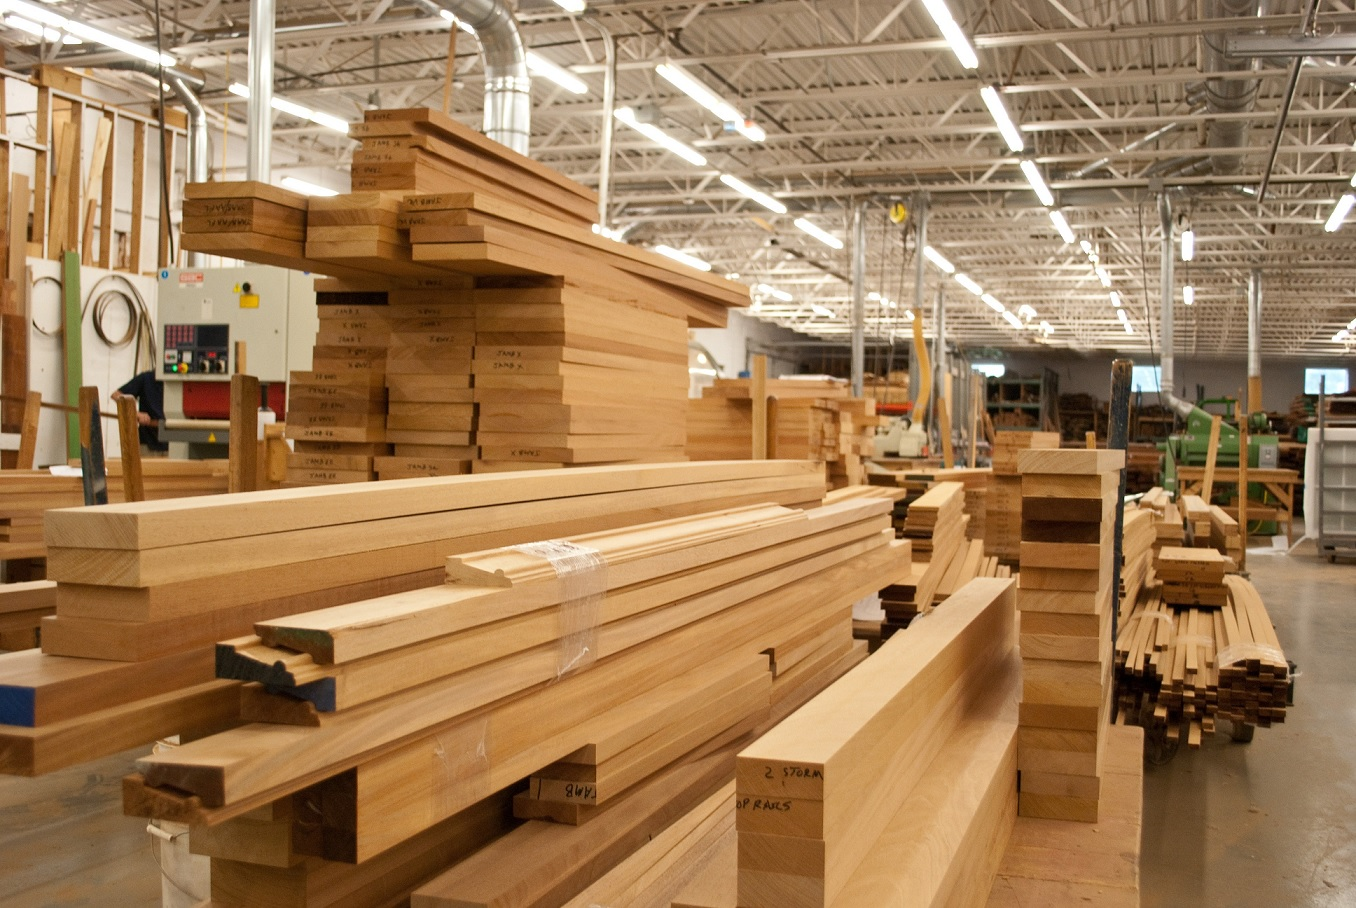 Doanh nghiệp xuất khẩu gỗ vẫn làm ăn phát đạt trong năm COVID-19